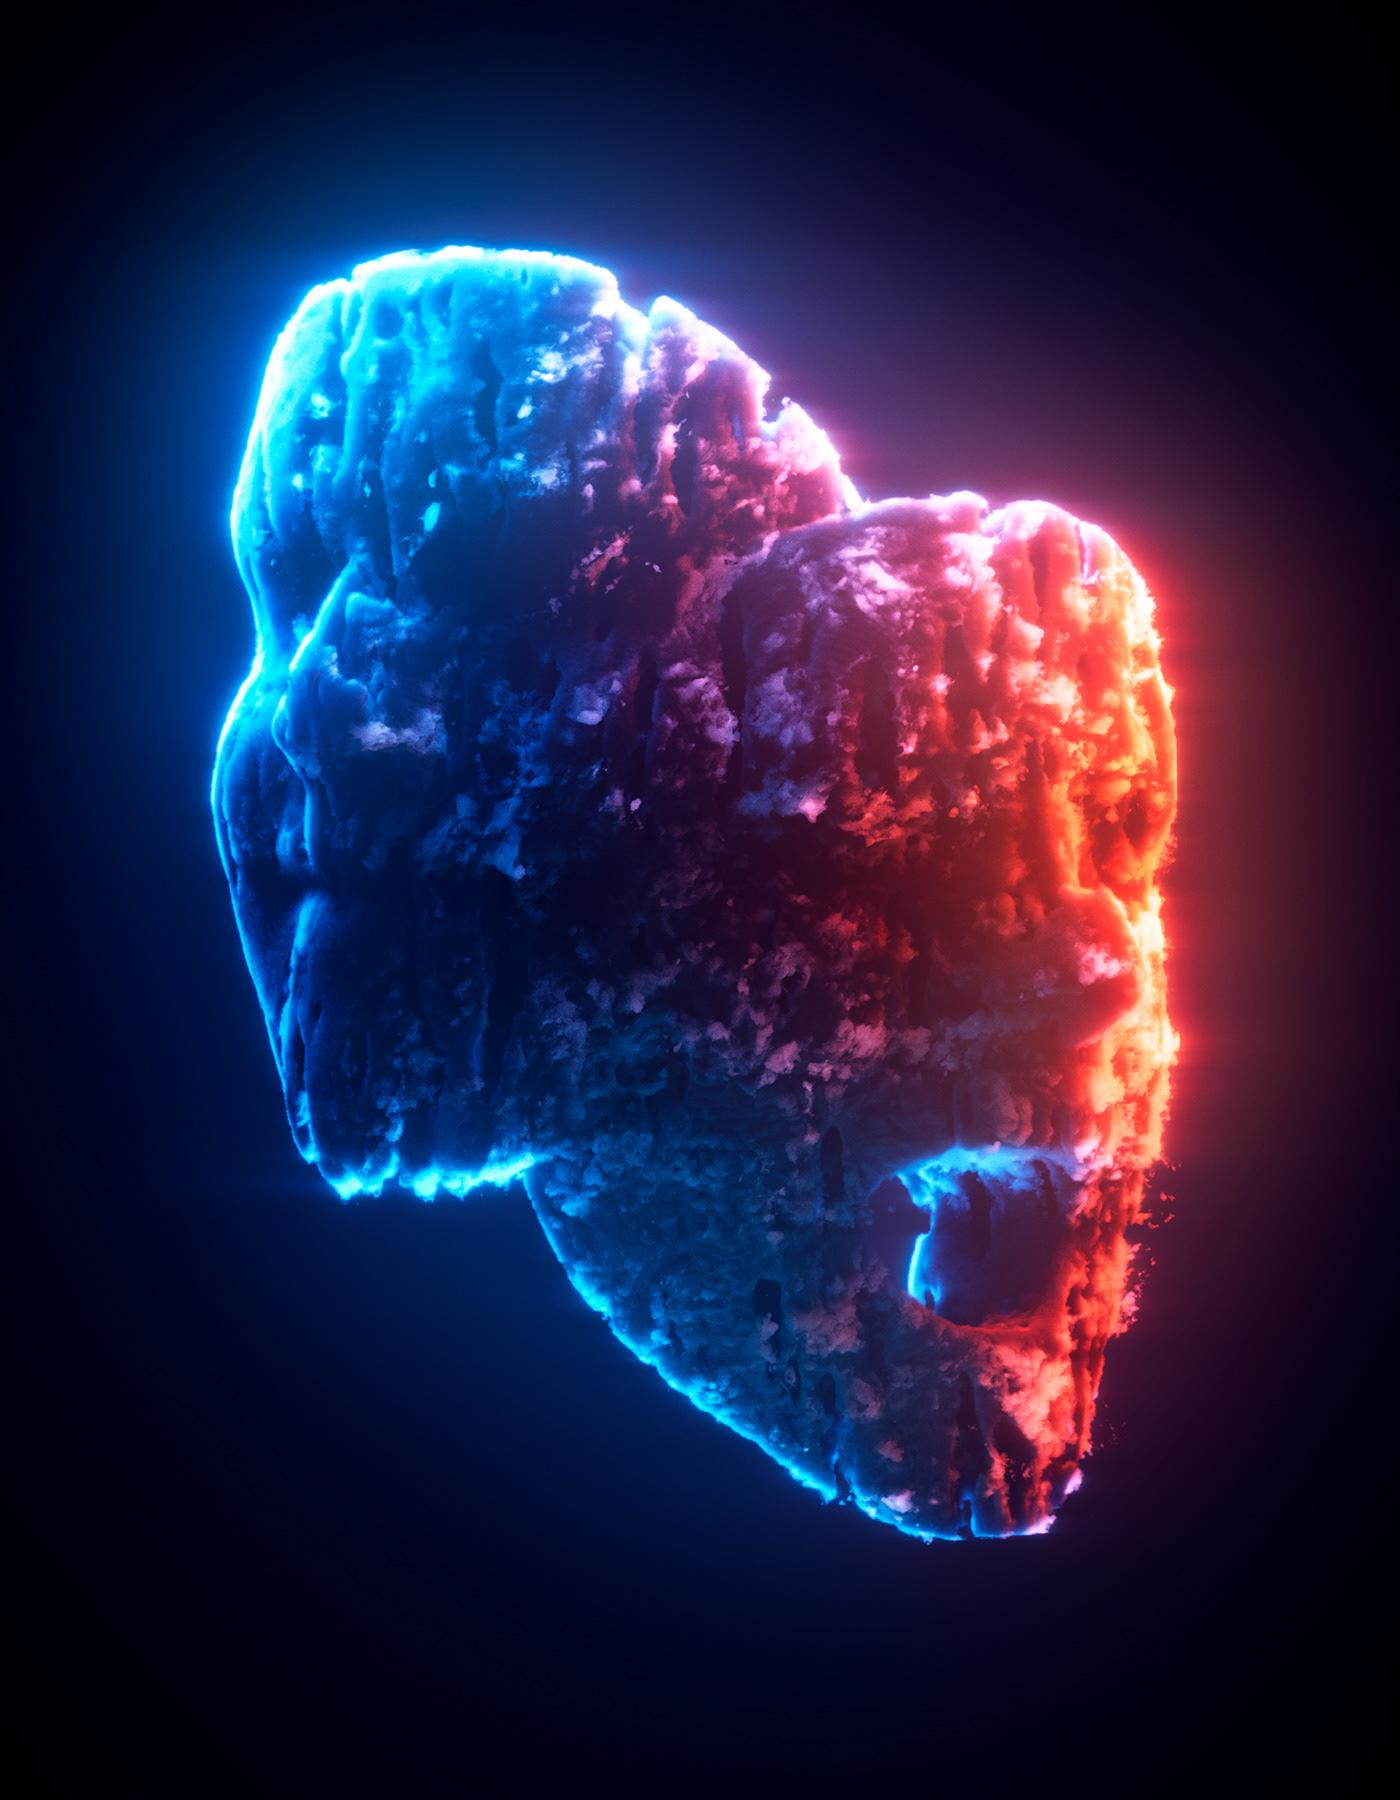 3D art charity clouds digital glow motiongraphics nft